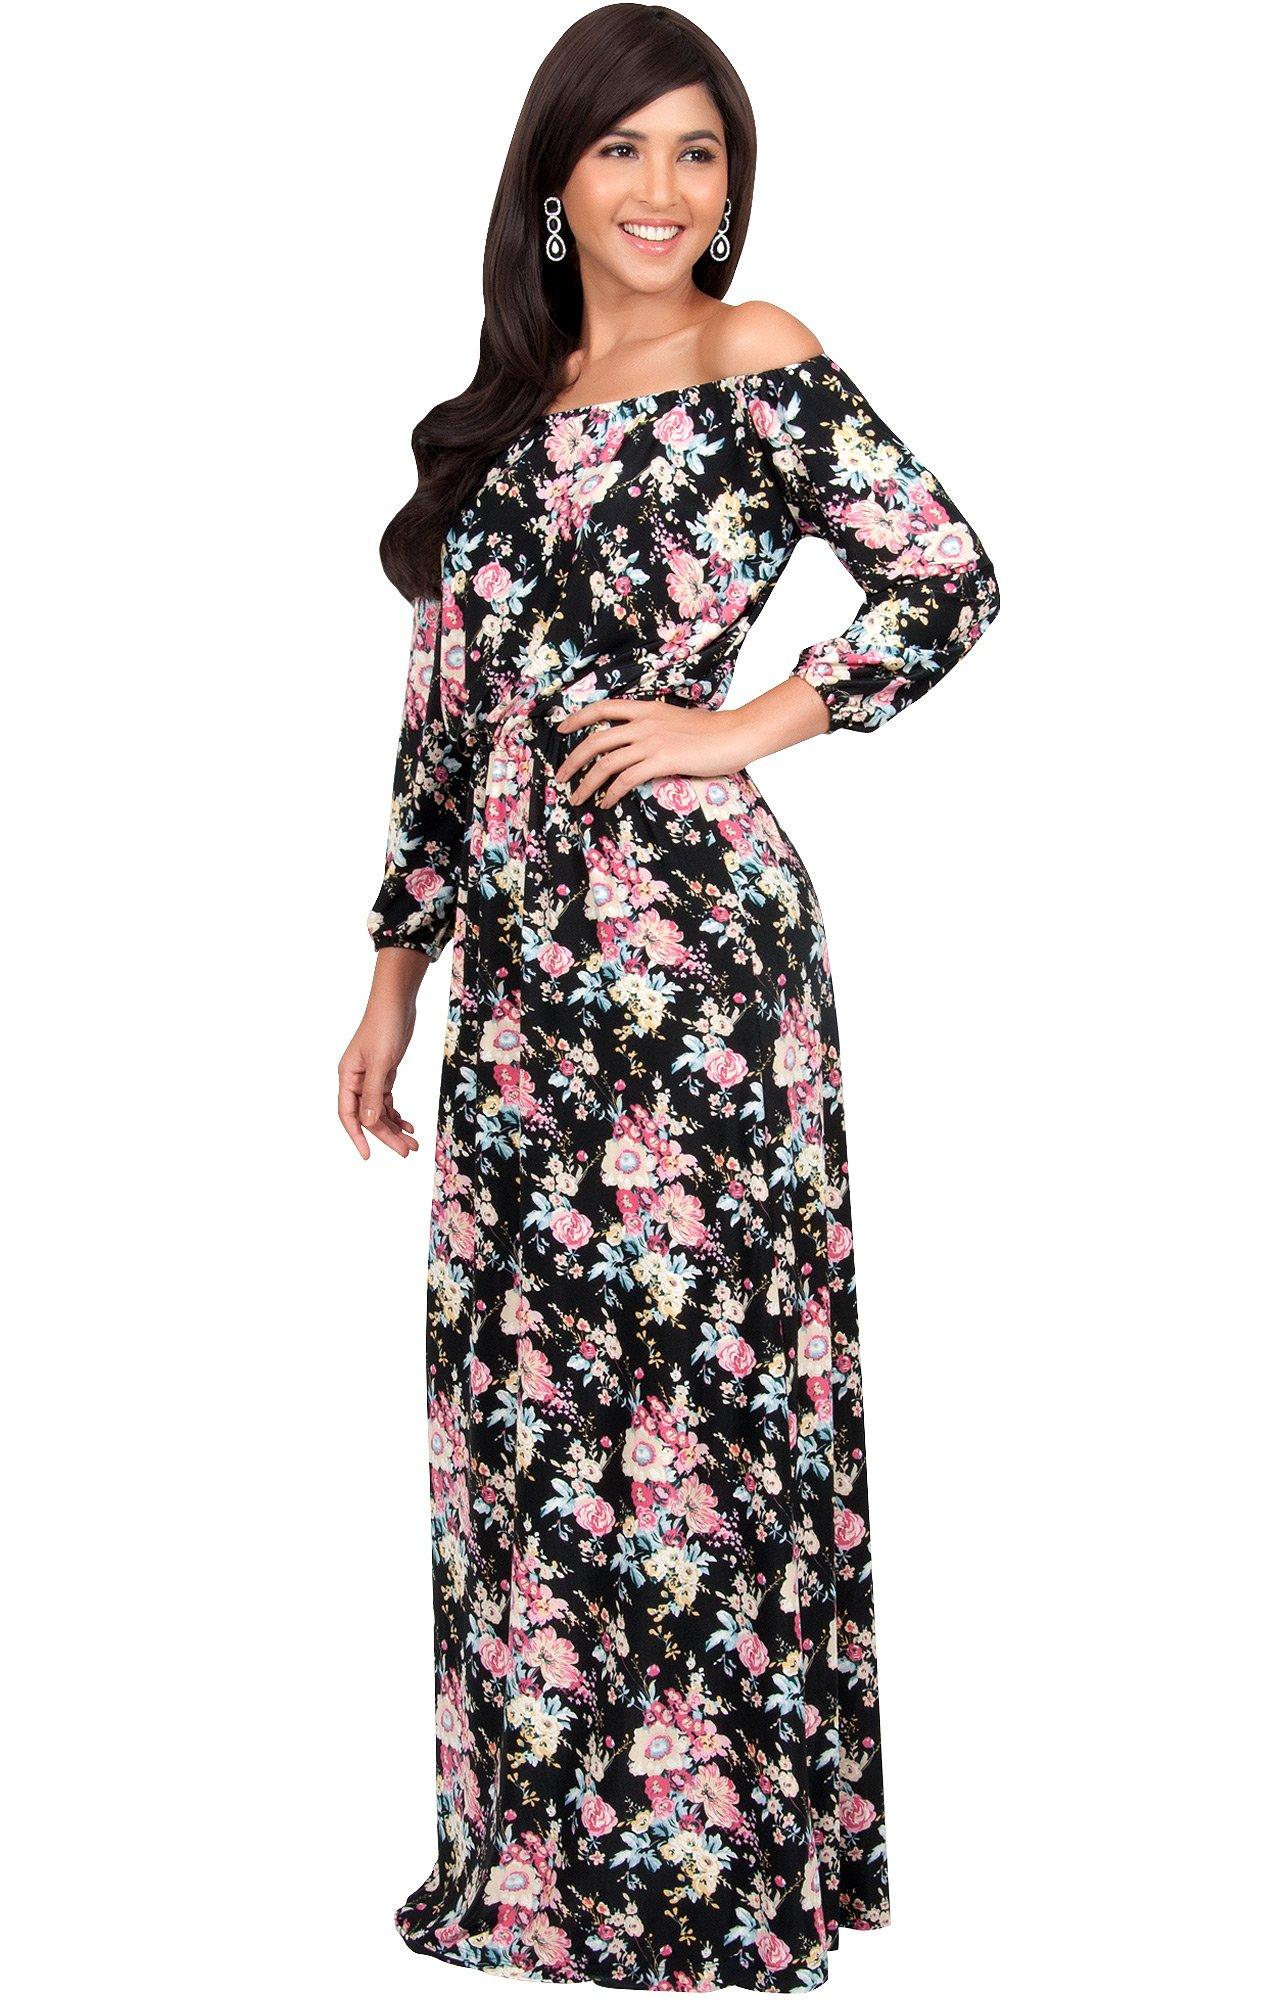 c4ef2bb491c ... Shoulder Summer Floral Print Cute Boho Long 3 4 Sleeve Hawaiian Beach  Jersey Sundress Casual Gown Gowns Maxi Dress Dresses